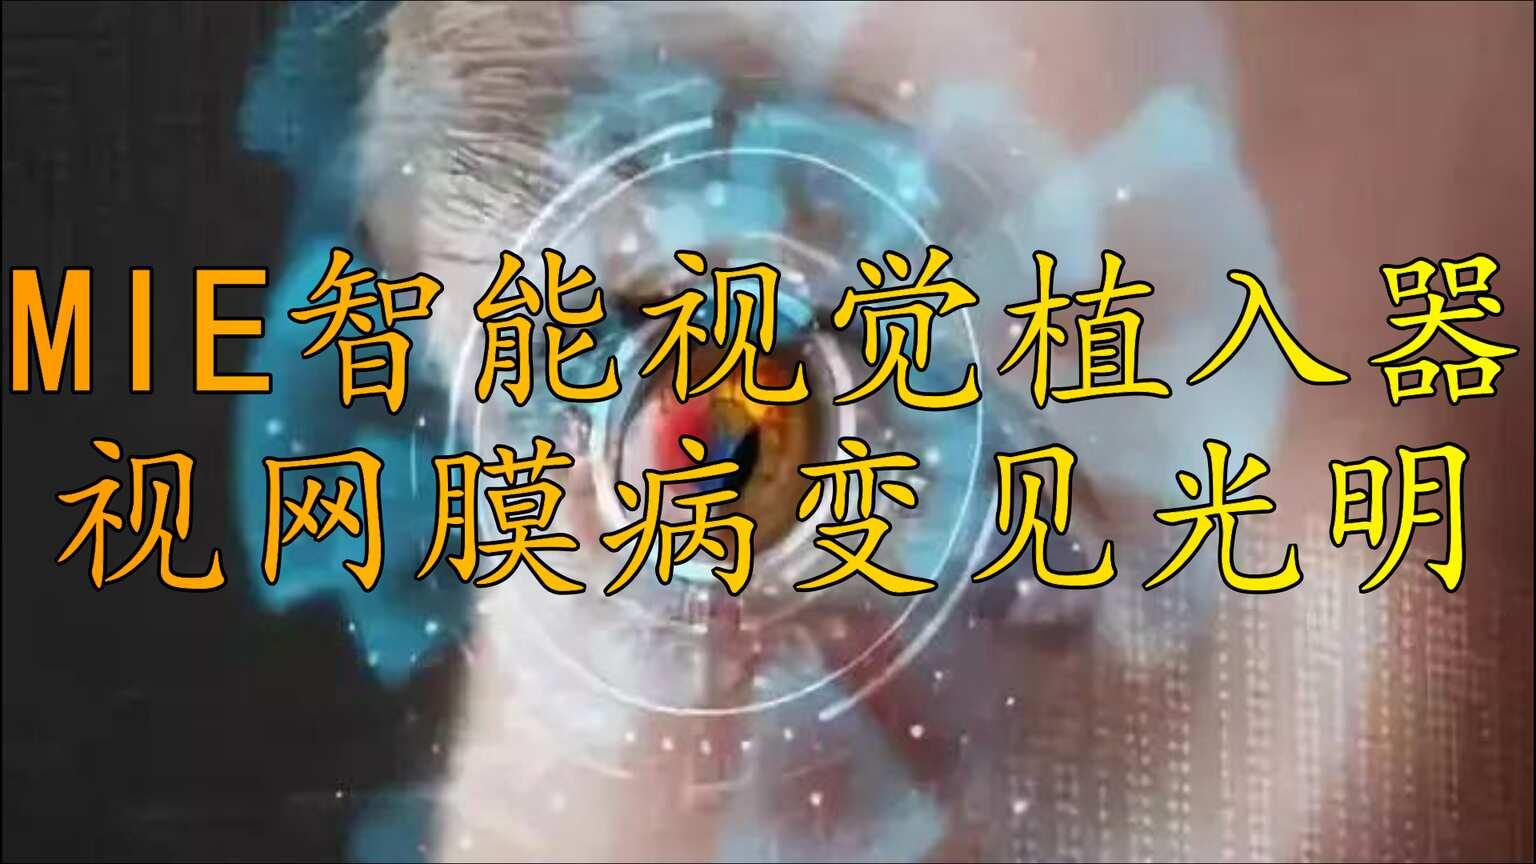 IMIE智能视觉植入器,让视网膜病变患者重见光明